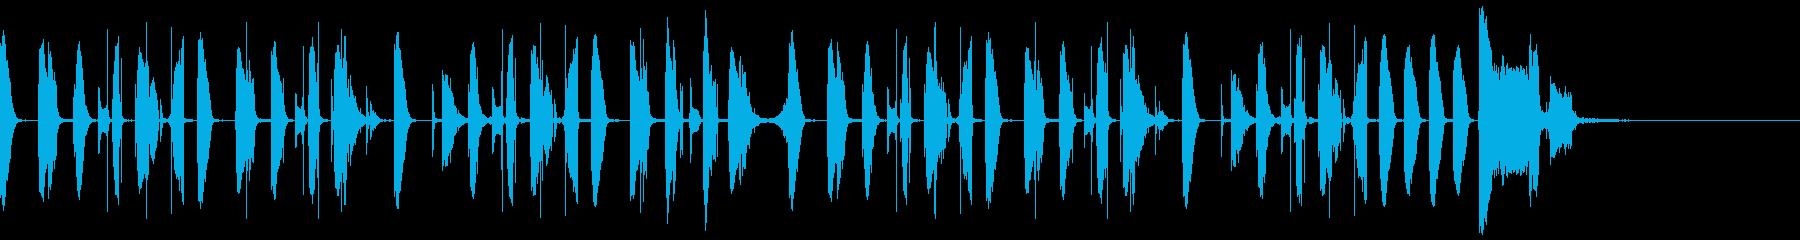 シンキングタイムなどに使えるジングルの再生済みの波形